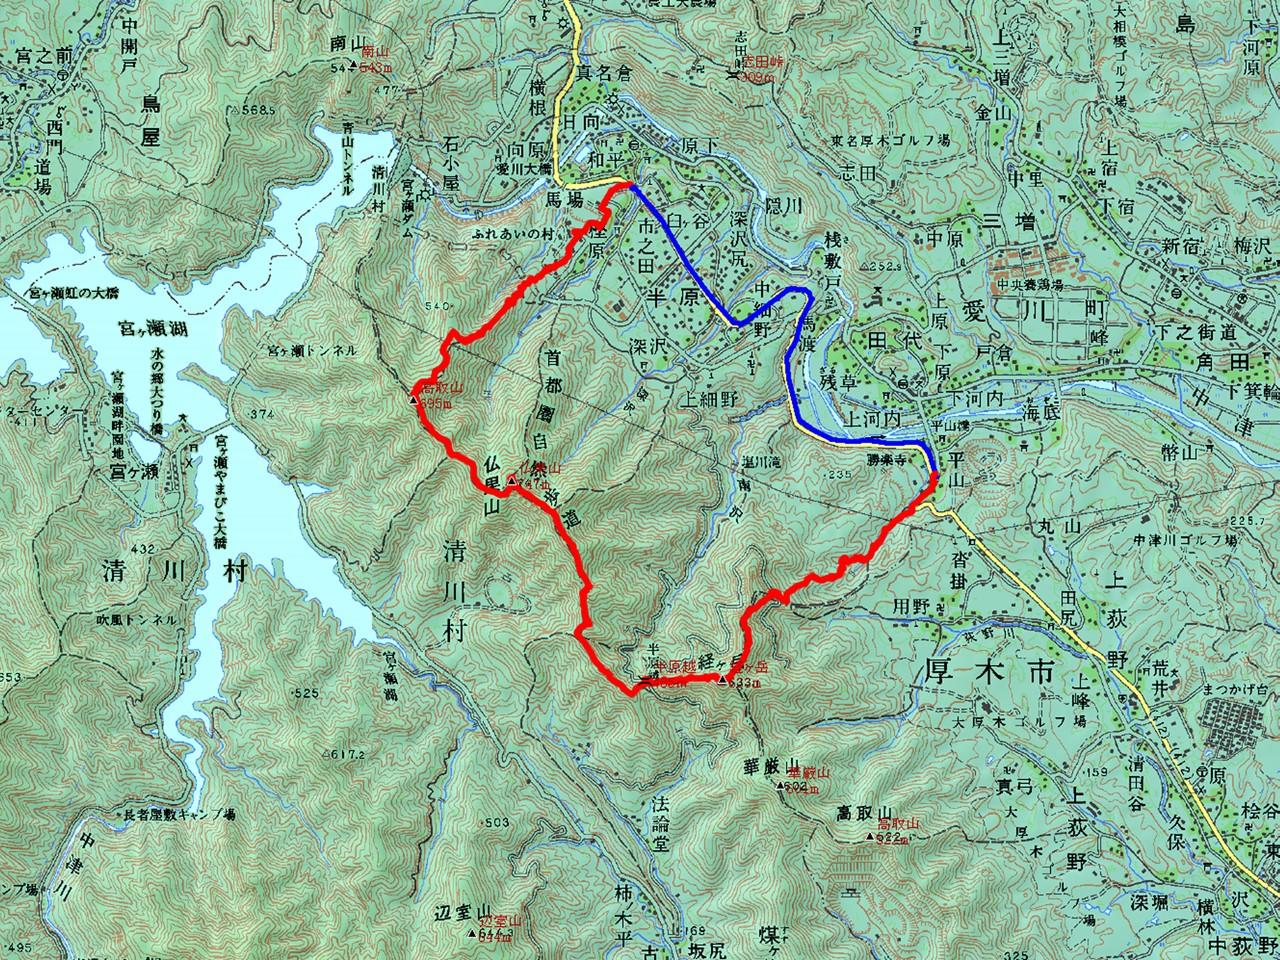 東丹沢の中津山地あるいは相州アルプス 半分縦走: マダムAの放浪記